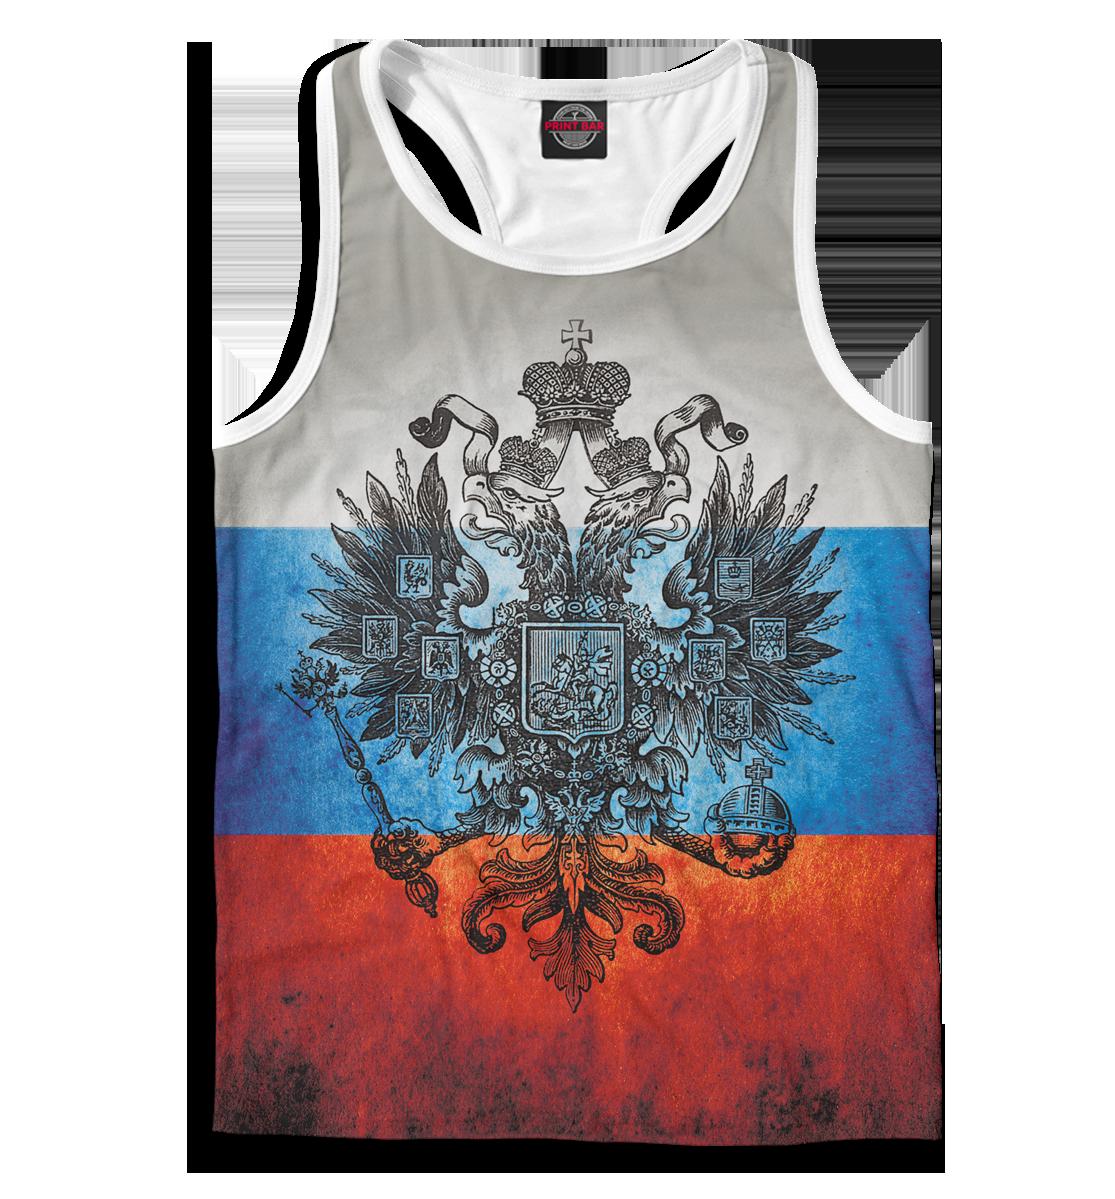 Купить Триколор и герб, Printbar, Майки борцовки, SRF-173871-mayb-2